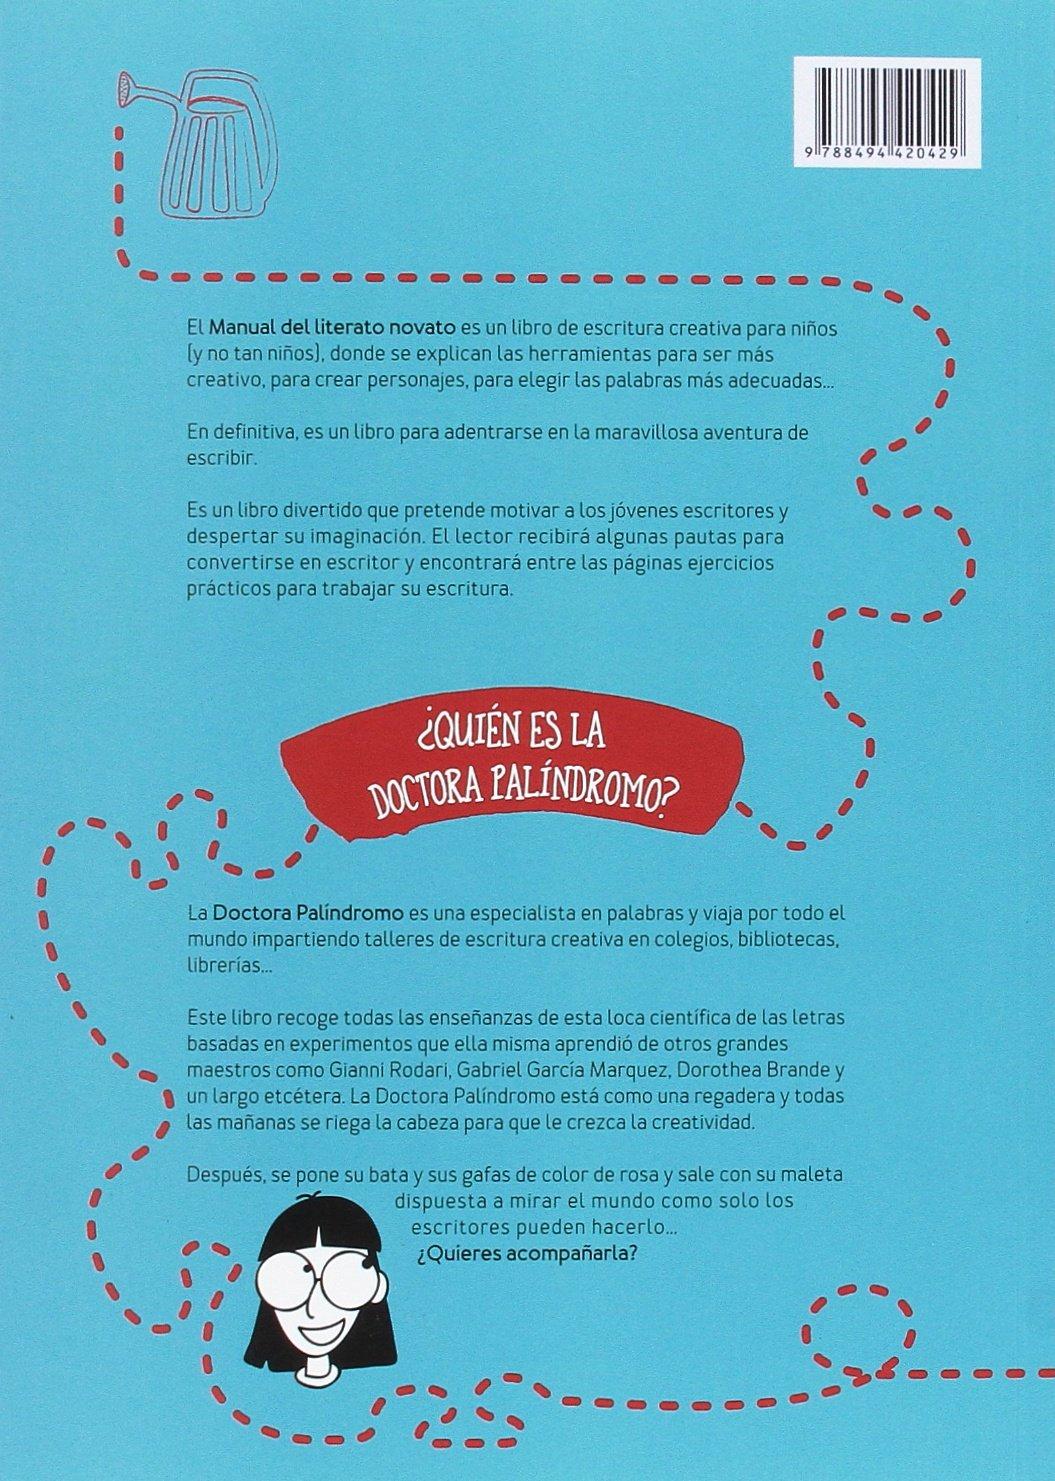 Manual del literato novato: Laura Bermejo: 9788494420429: Amazon.com: Books